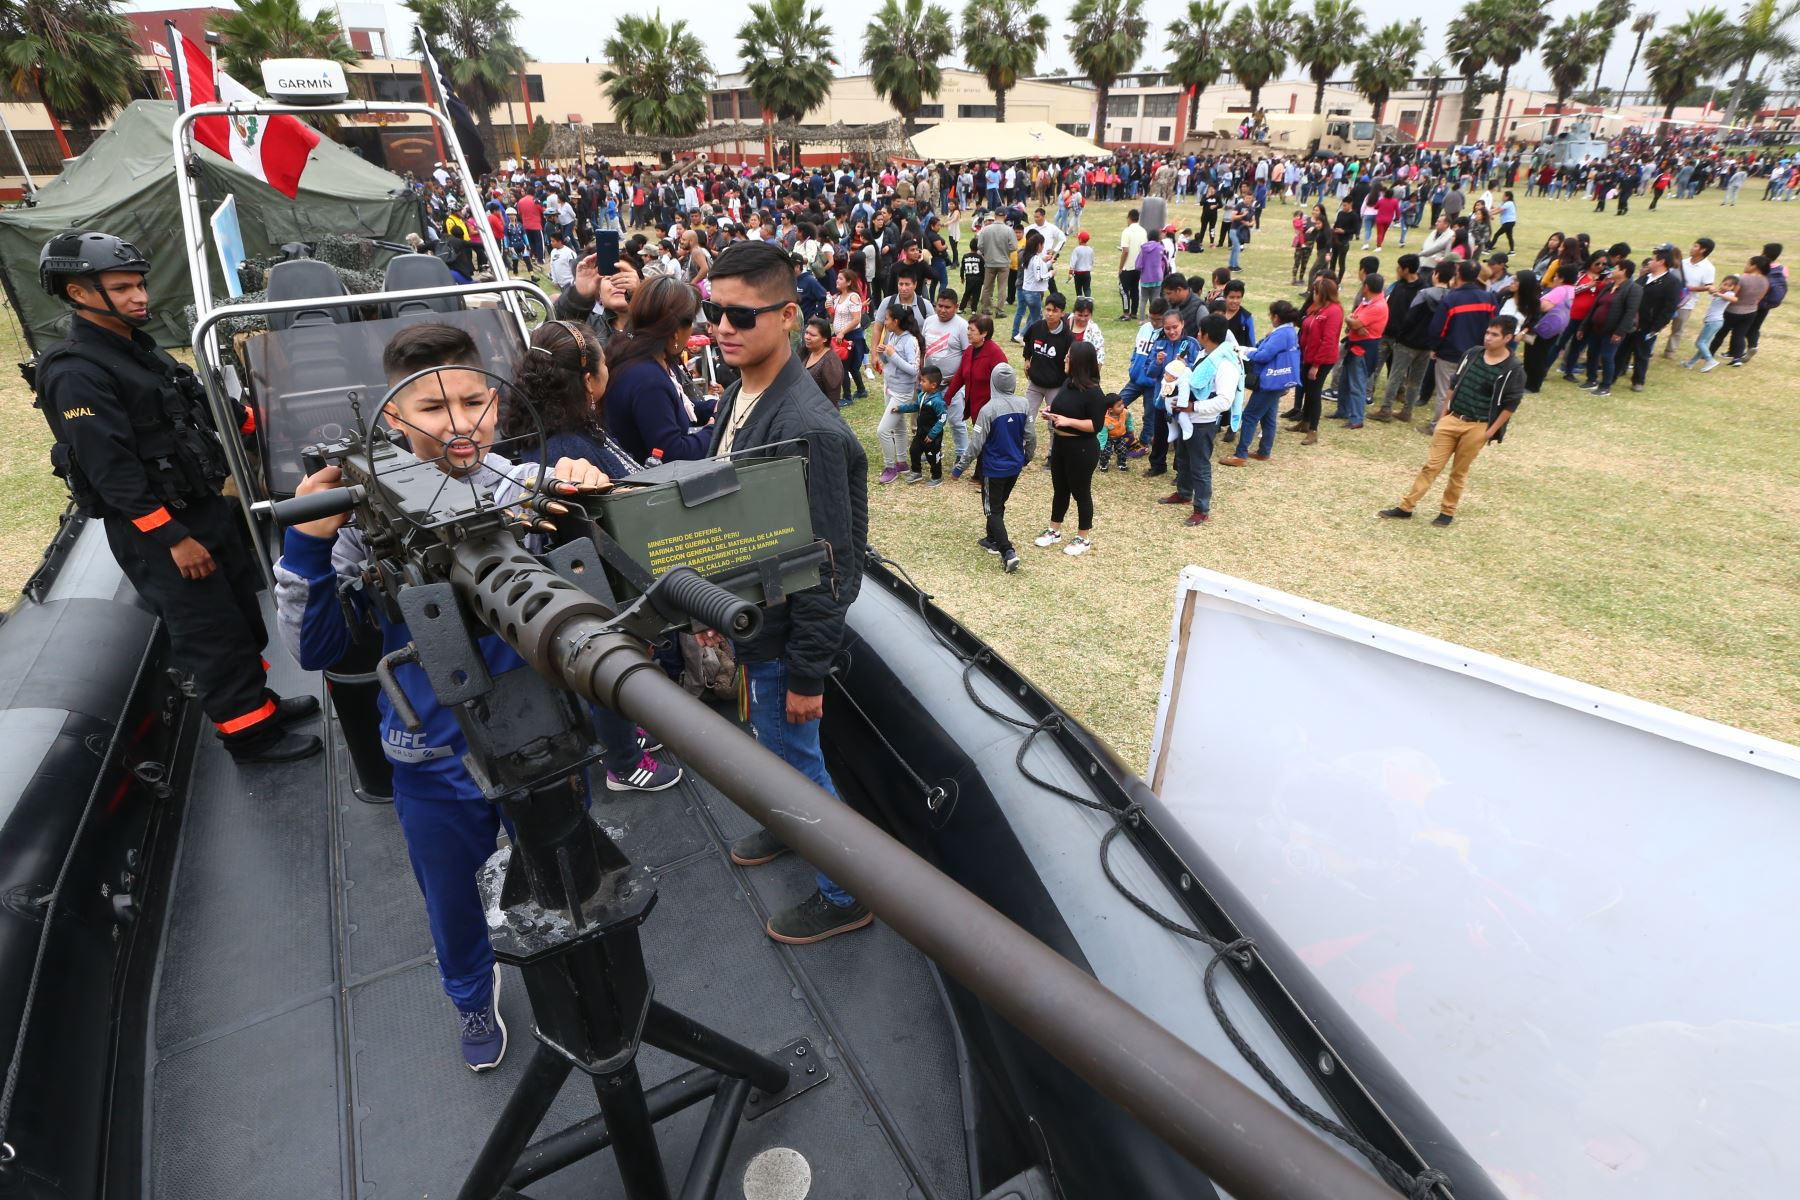 """Jornada """"Puertas Abiertas"""" de la Marina de Guerra del Perú, recibe a la población  para mostrar sus unidades navales.  Foto: ANDINA/Melina Mejía"""